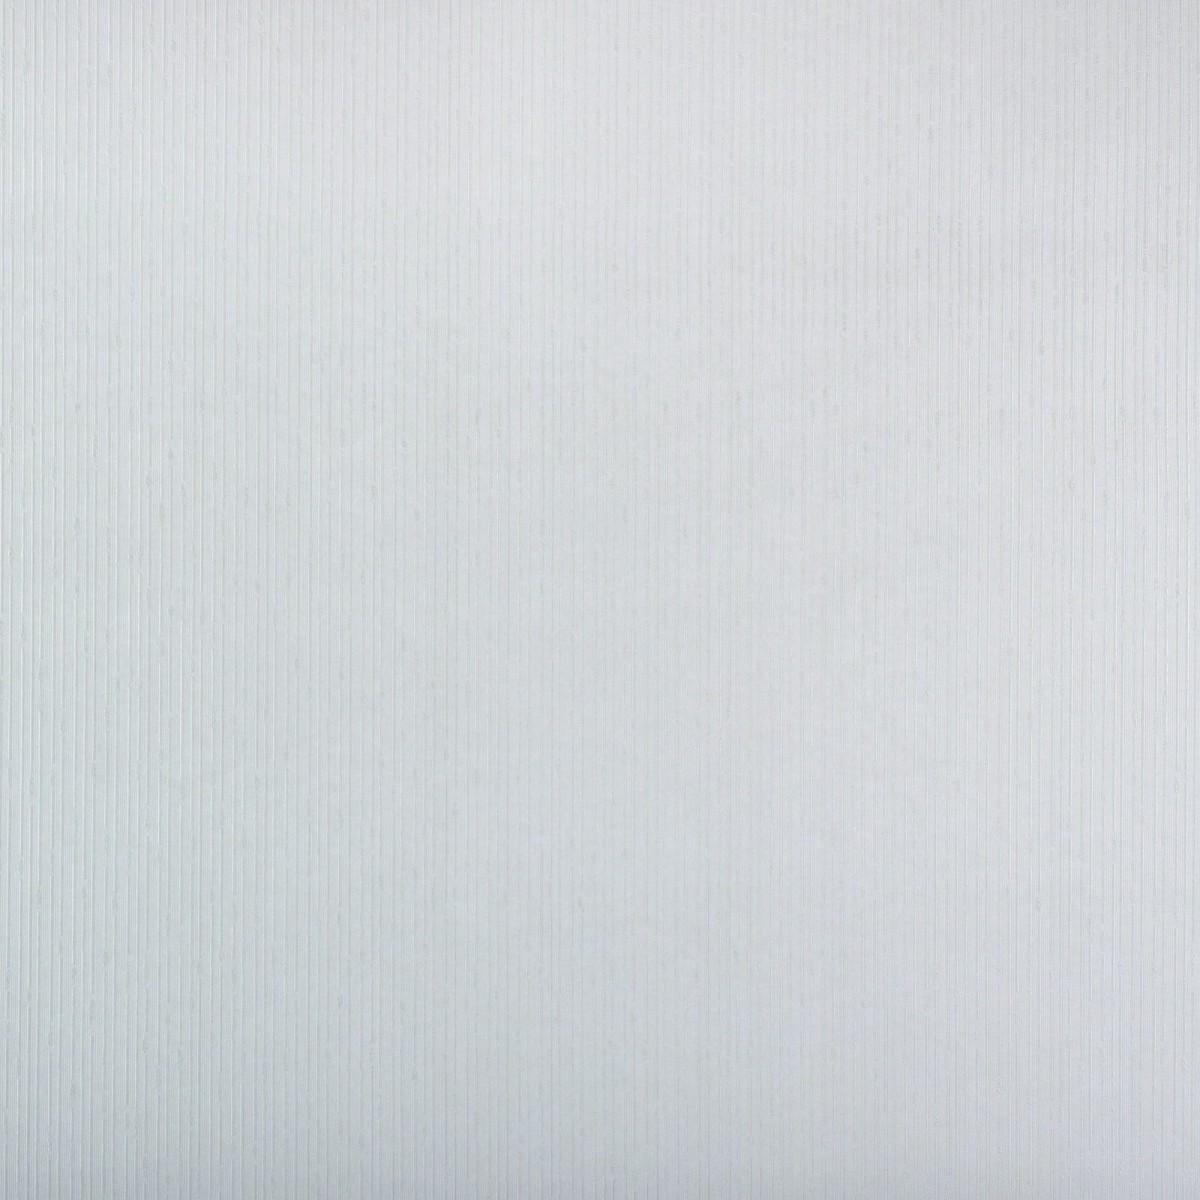 Обои флизелиновые под покраску ЭР 2804-1 Антивандальные 1.06х25 м